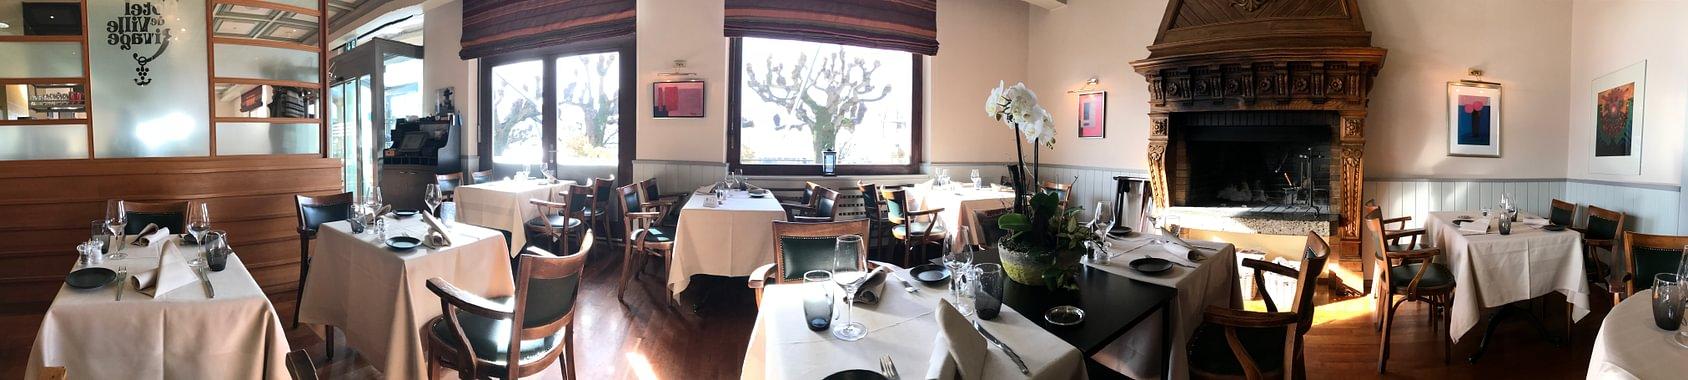 Notre salle à manger avec cheminée d'époque ainsi qu'une belle vue sur le vieux port de Lutry